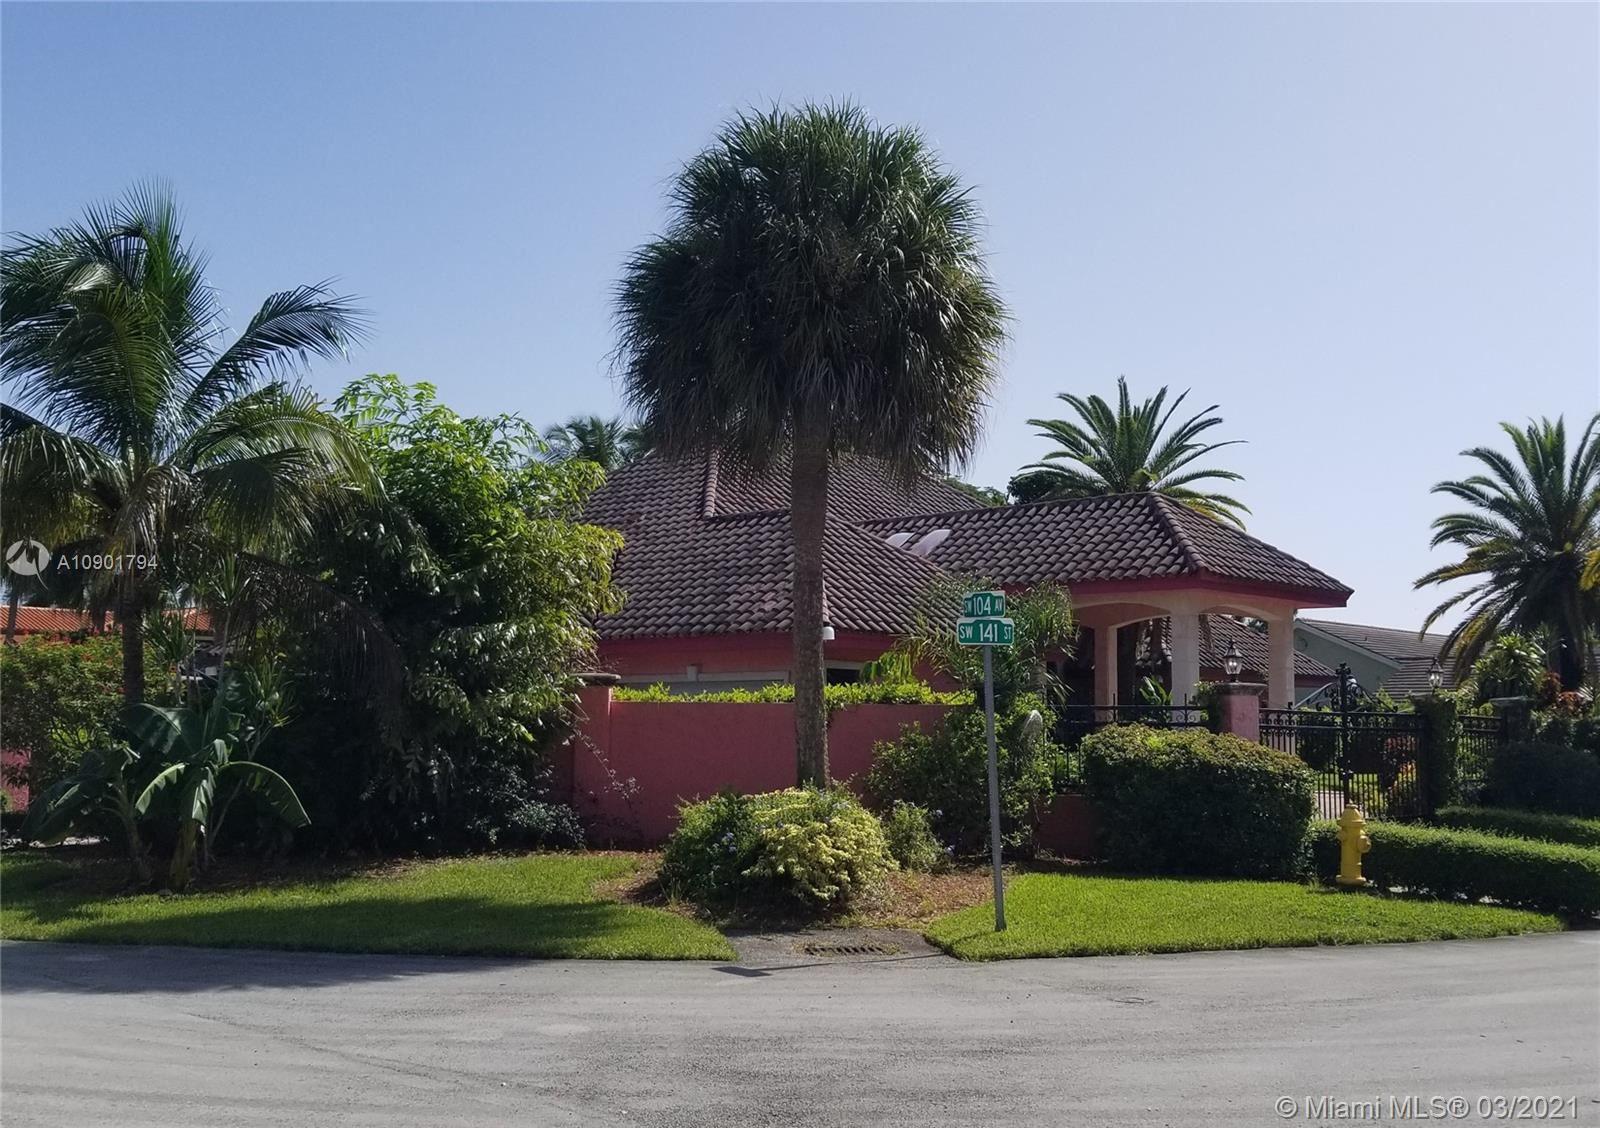 10381 SW 141st St, Miami, FL 33176 - #: A10901794